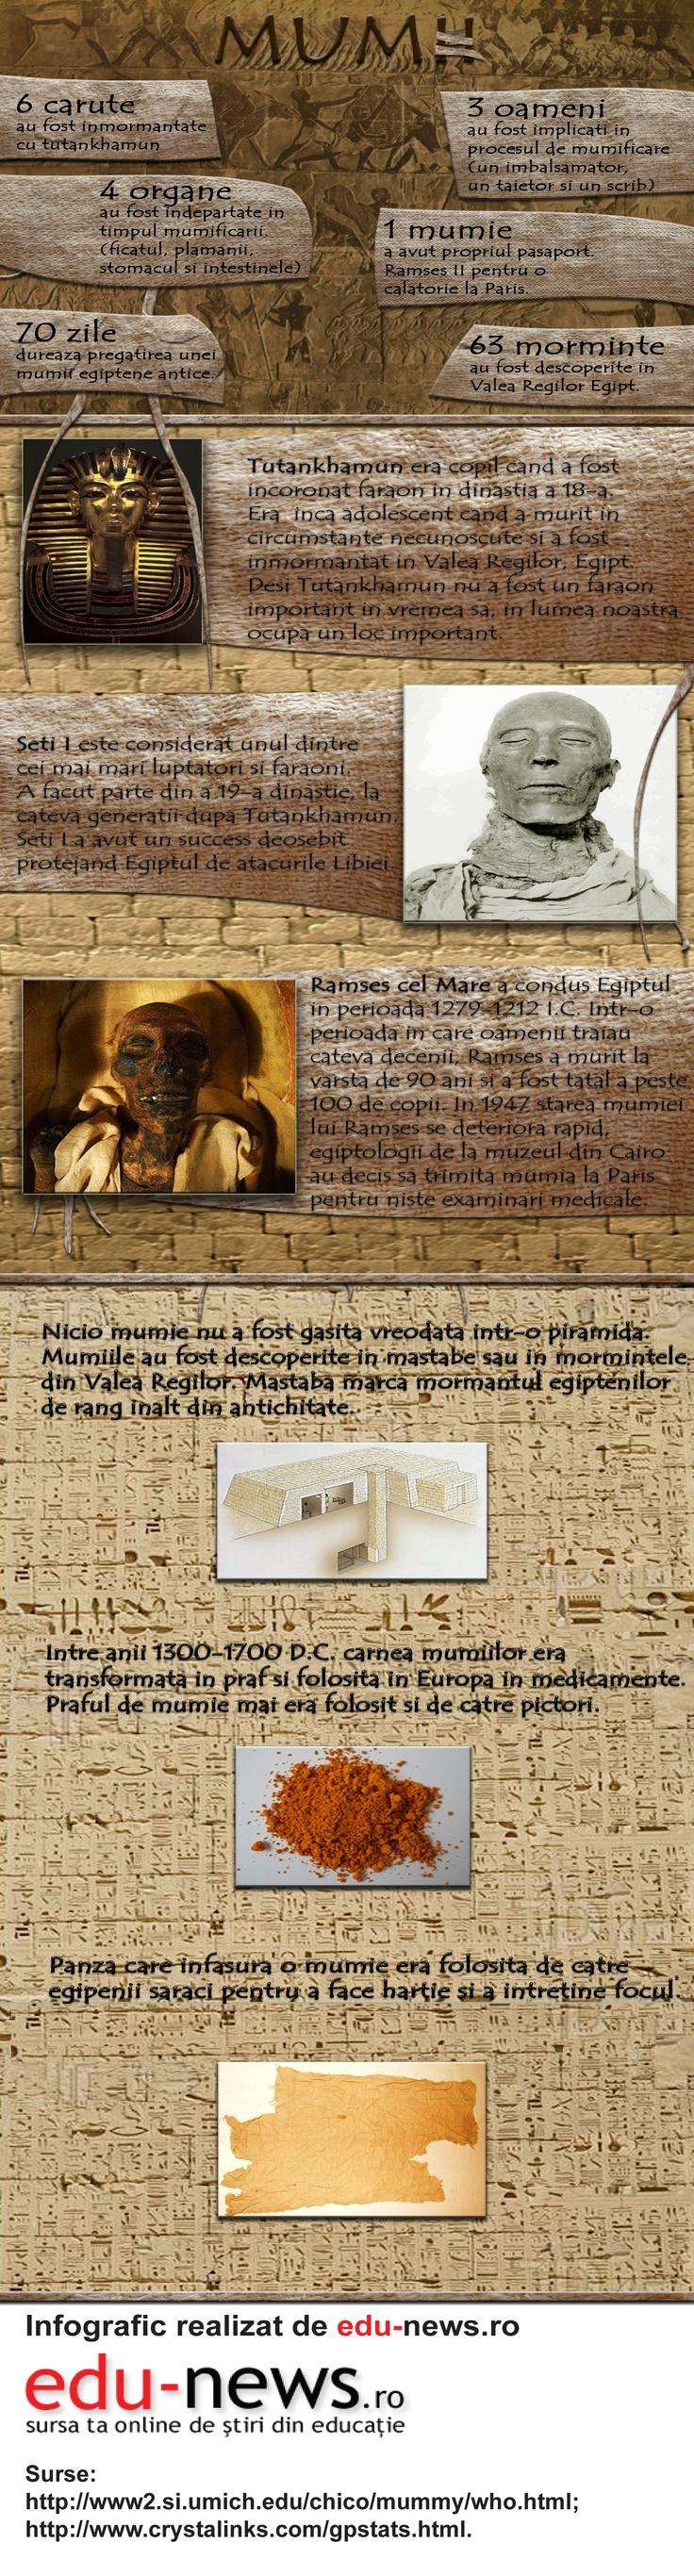 Mumii de oameni și de animale au fost găsite de-a lungul lumii, ori că au fost intenționat îmbălsămate, ori că au fost păstrate natural datorită condițiilor neobișnuite.